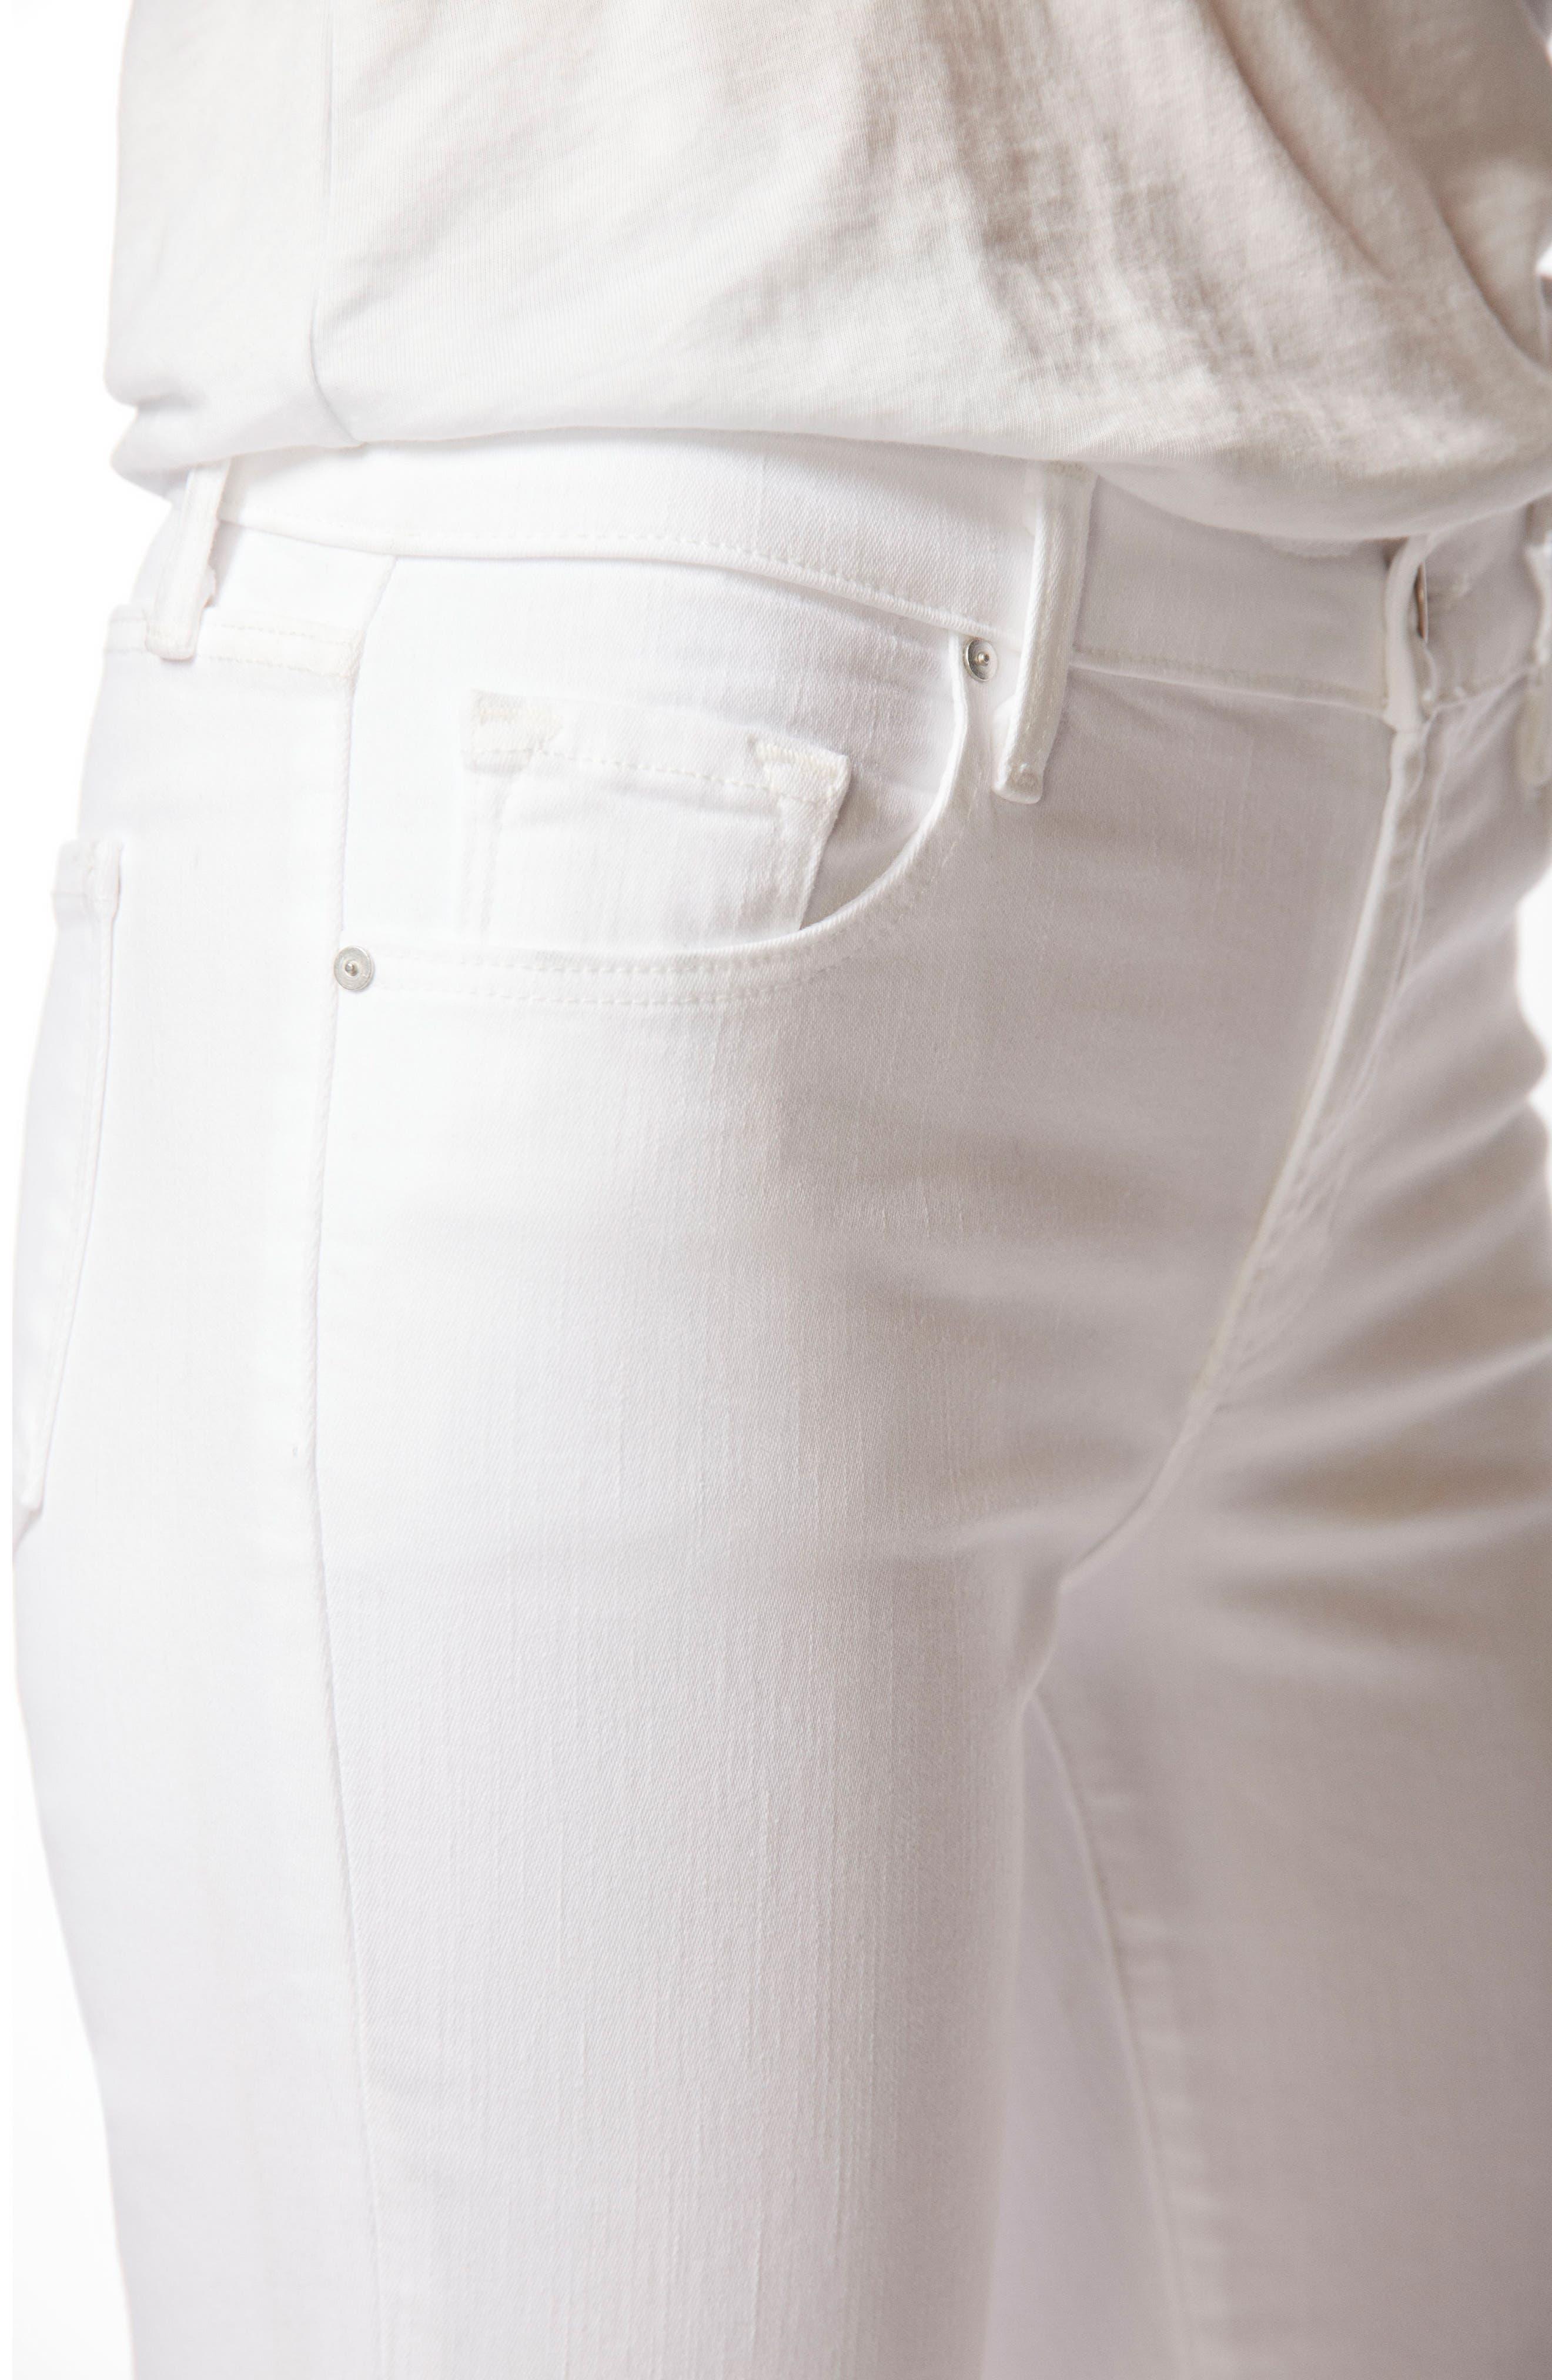 Mid-Rise Capri Skinny Jeans,                             Alternate thumbnail 6, color,                             White